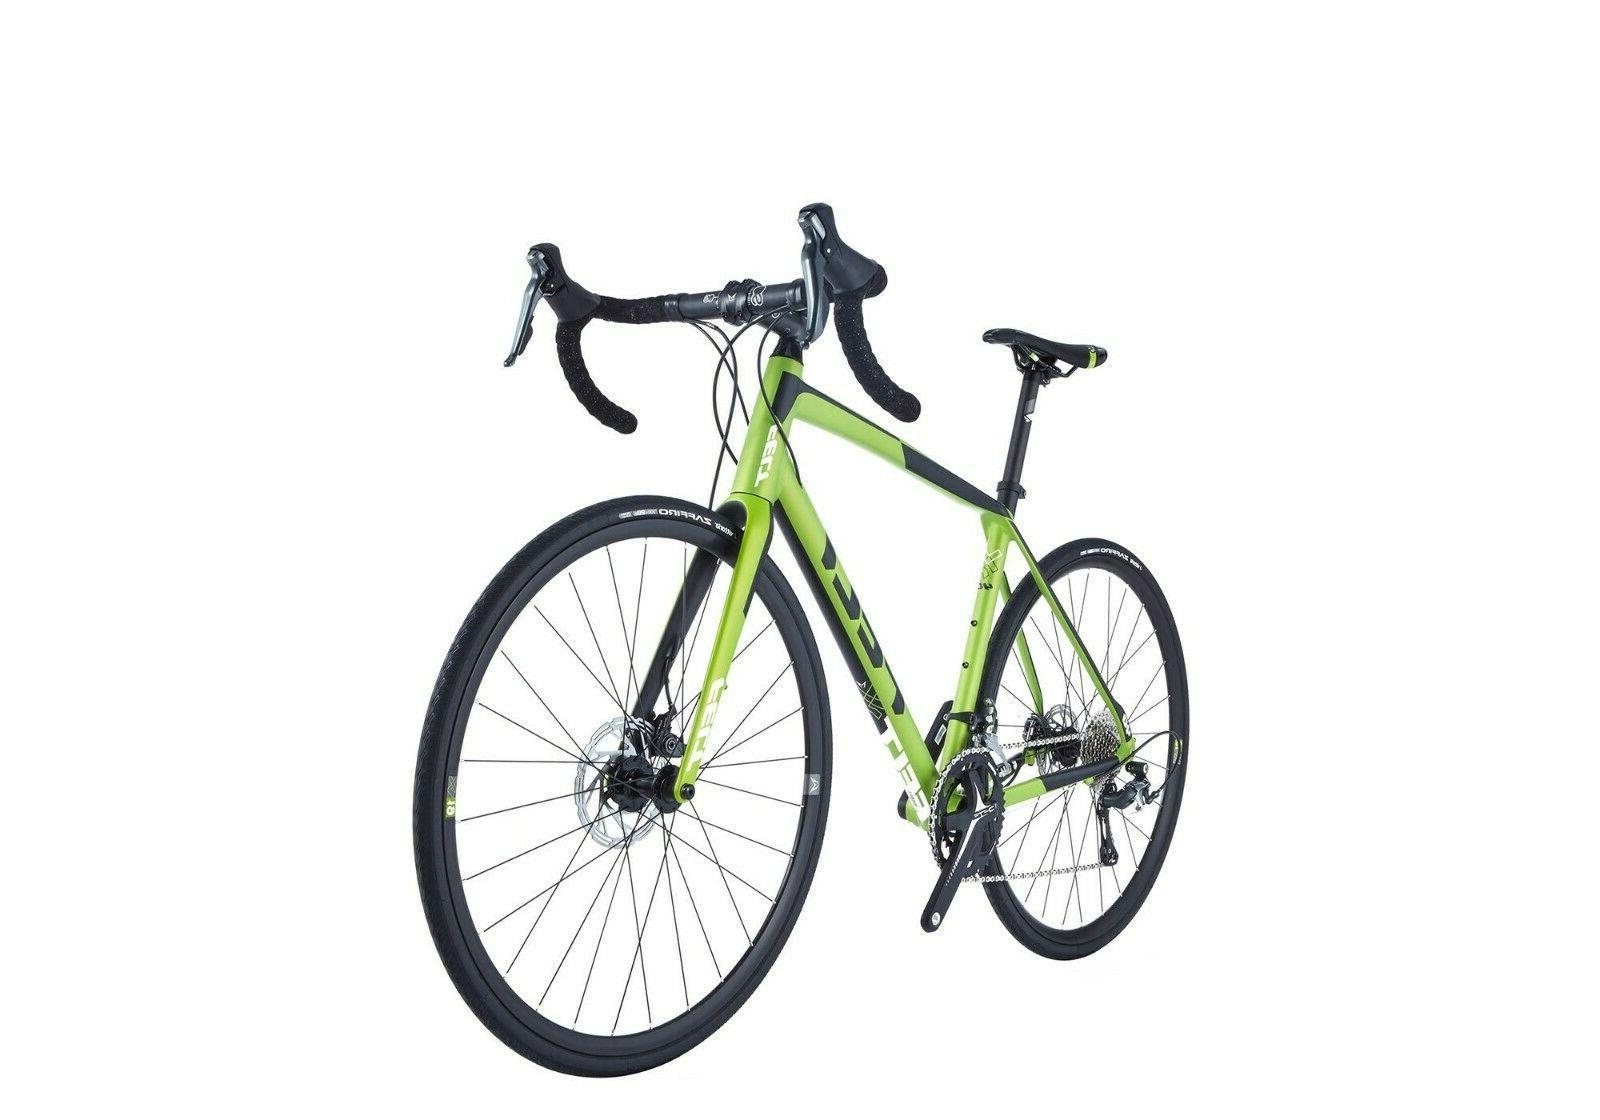 2018 Tiagra DISC Bike 54cm Retail $1300